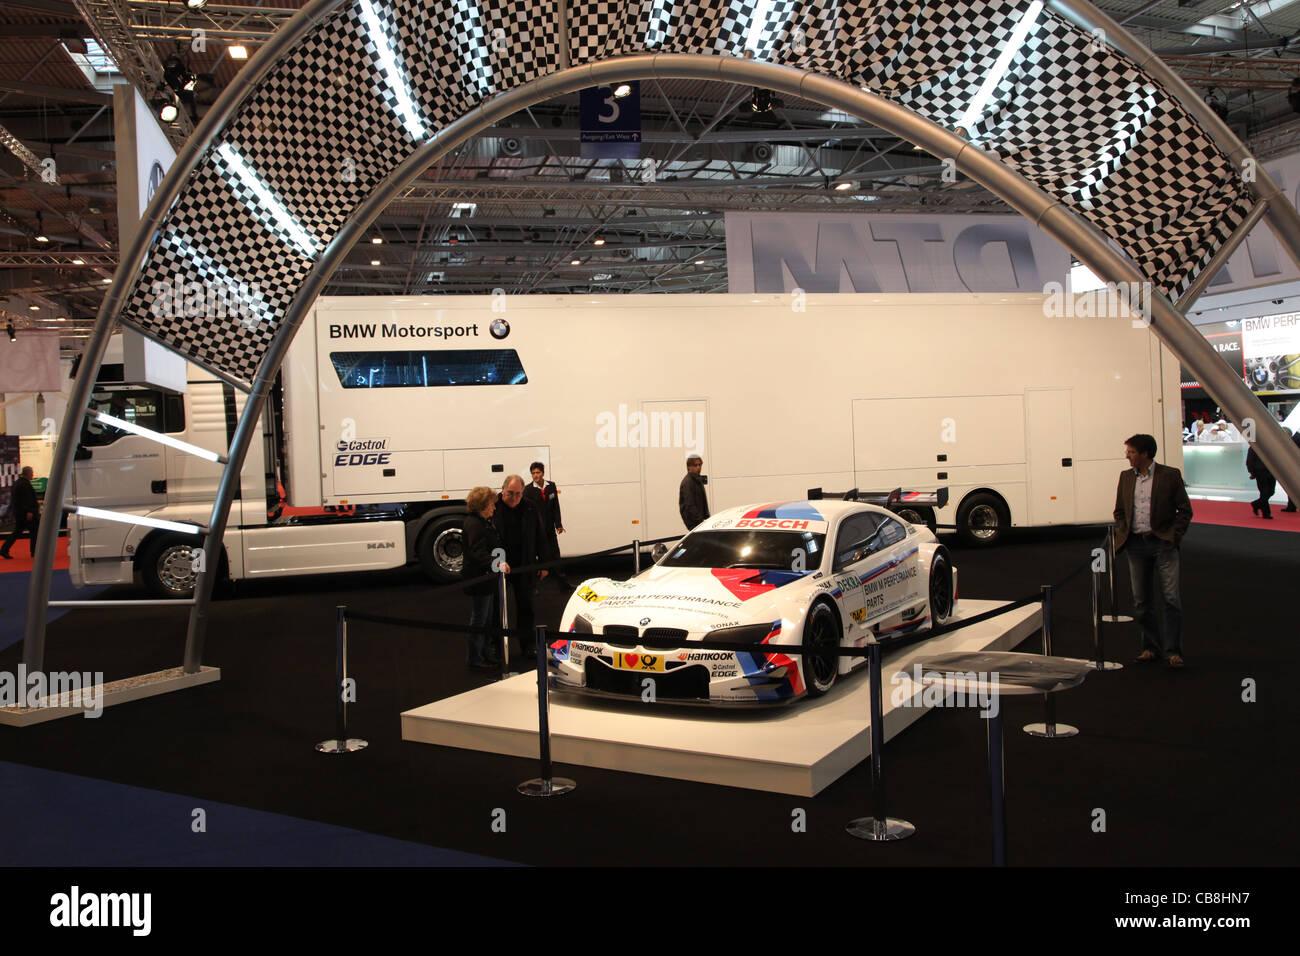 BMW Motorsport stehen auf der Essen Motor Show in Essen, Deutschland, am 29. November 2011 Stockbild